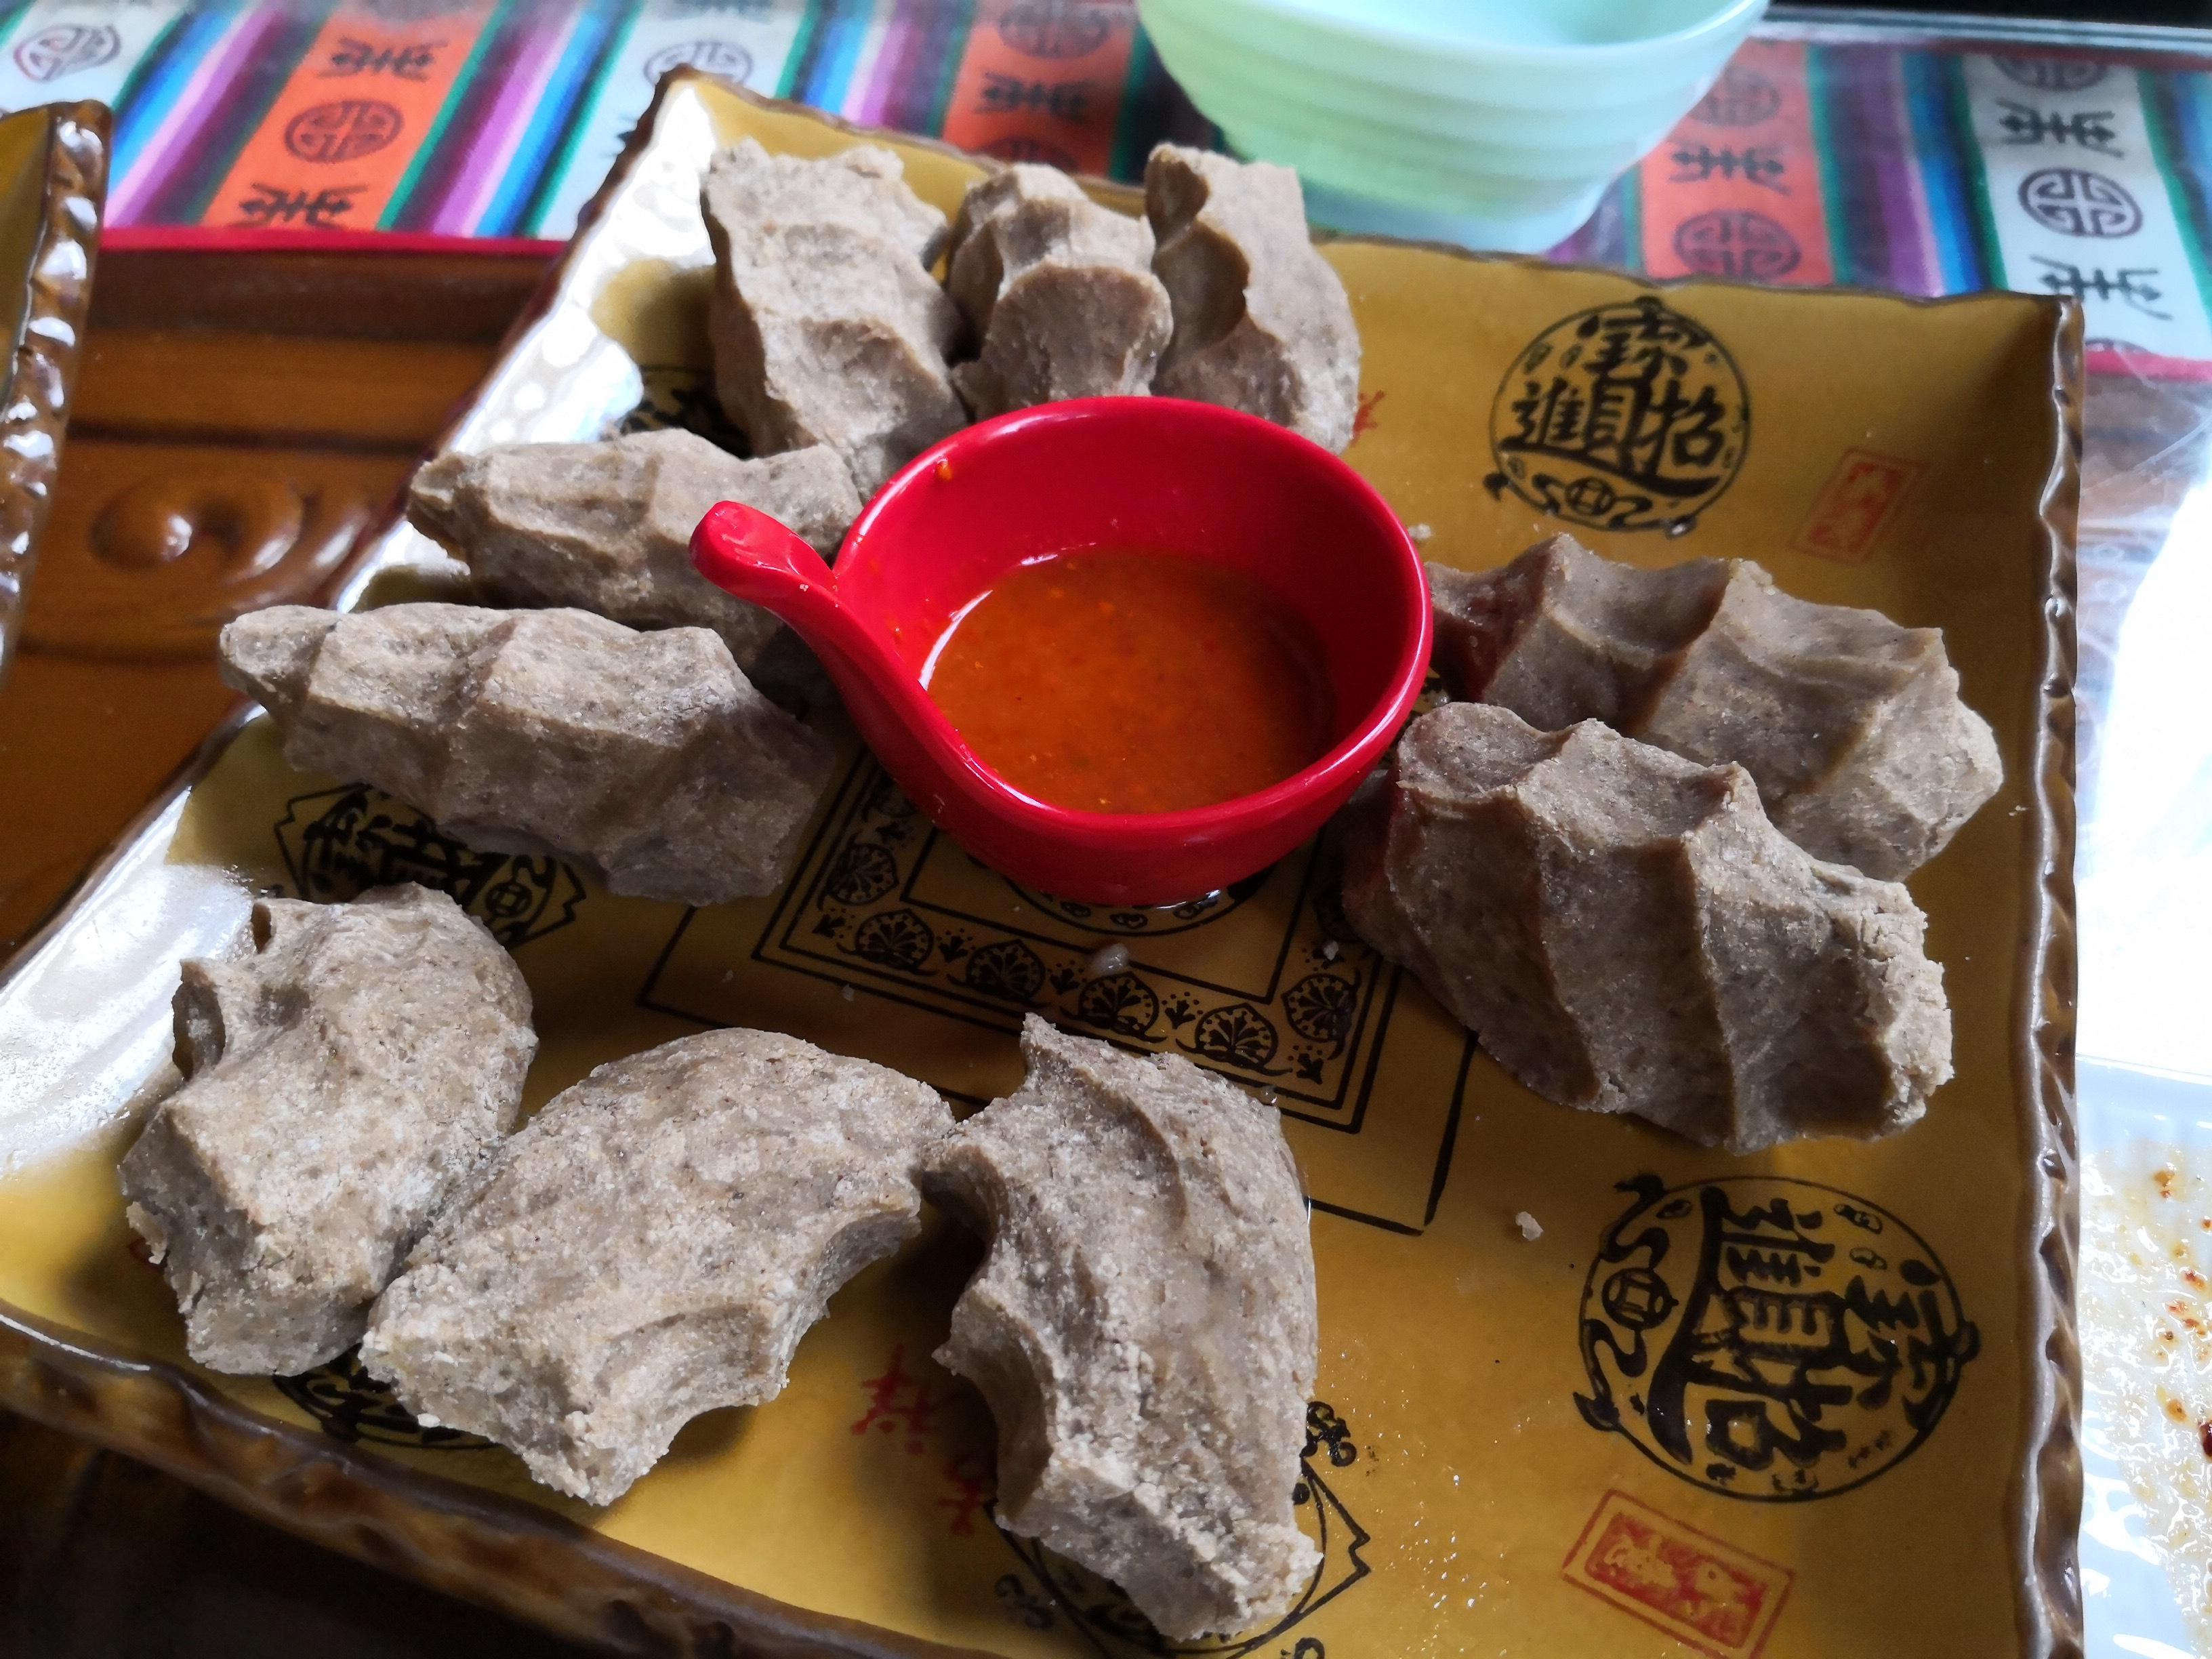 川藏线秋季错峰出行与美食美景有缘,包车拼车住宿也便宜! 川藏线旅游攻略 第3张